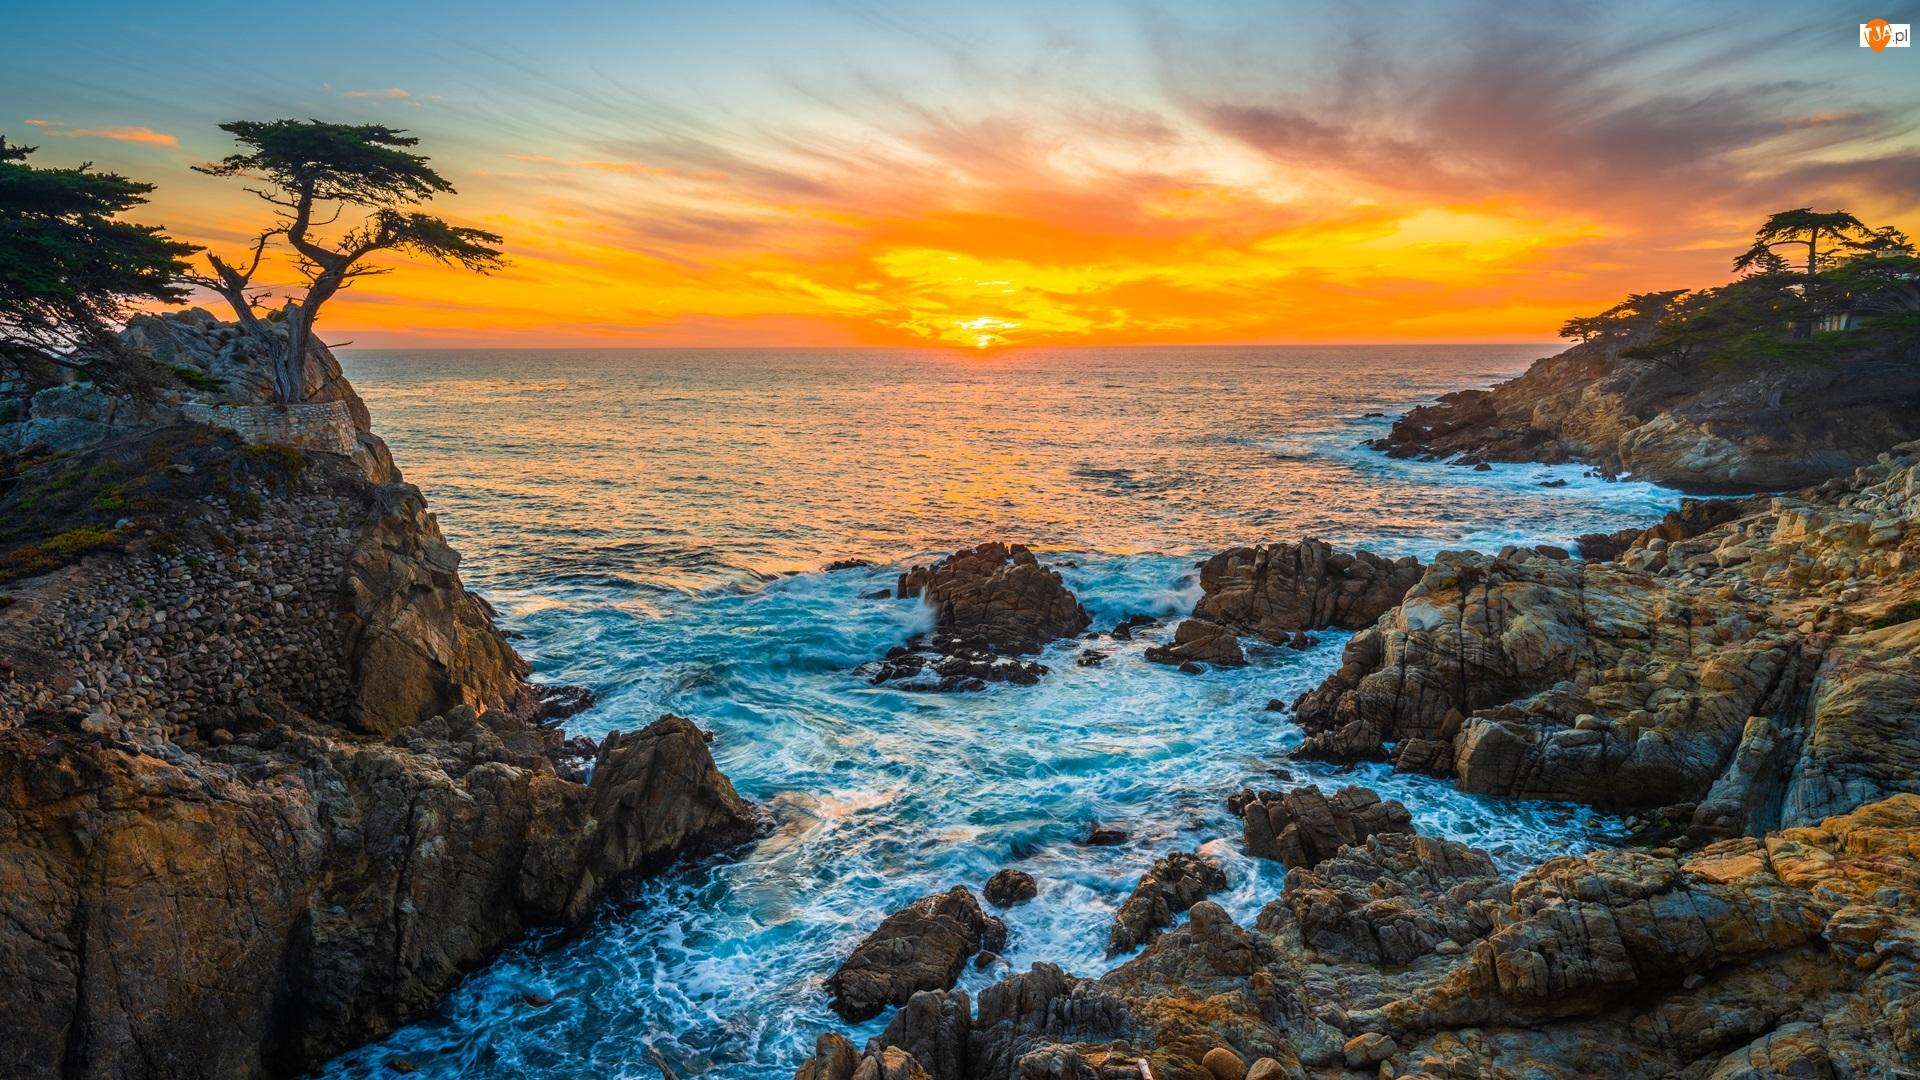 Stany Zjednoczone, Atrakcja Lone Cypress, Kalifornia, Pebble Beach, Zatoka Monterey, Skała, Morze, Cyprys wielkoszyszkowy, Zachód słońca